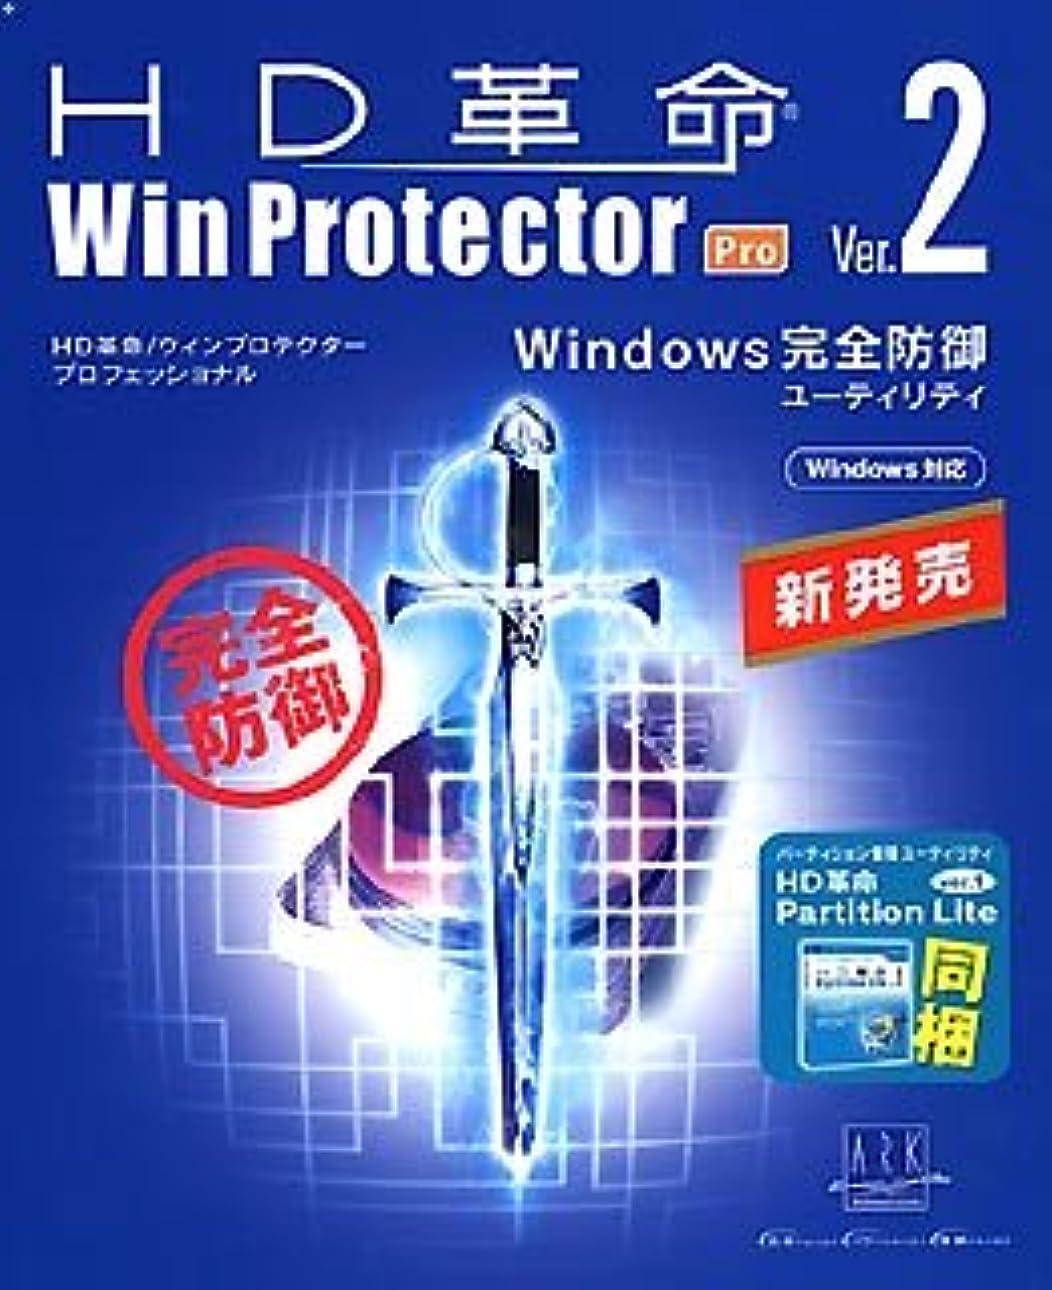 ガード北西しないHD革命 / Win Protector Ver.2 Pro